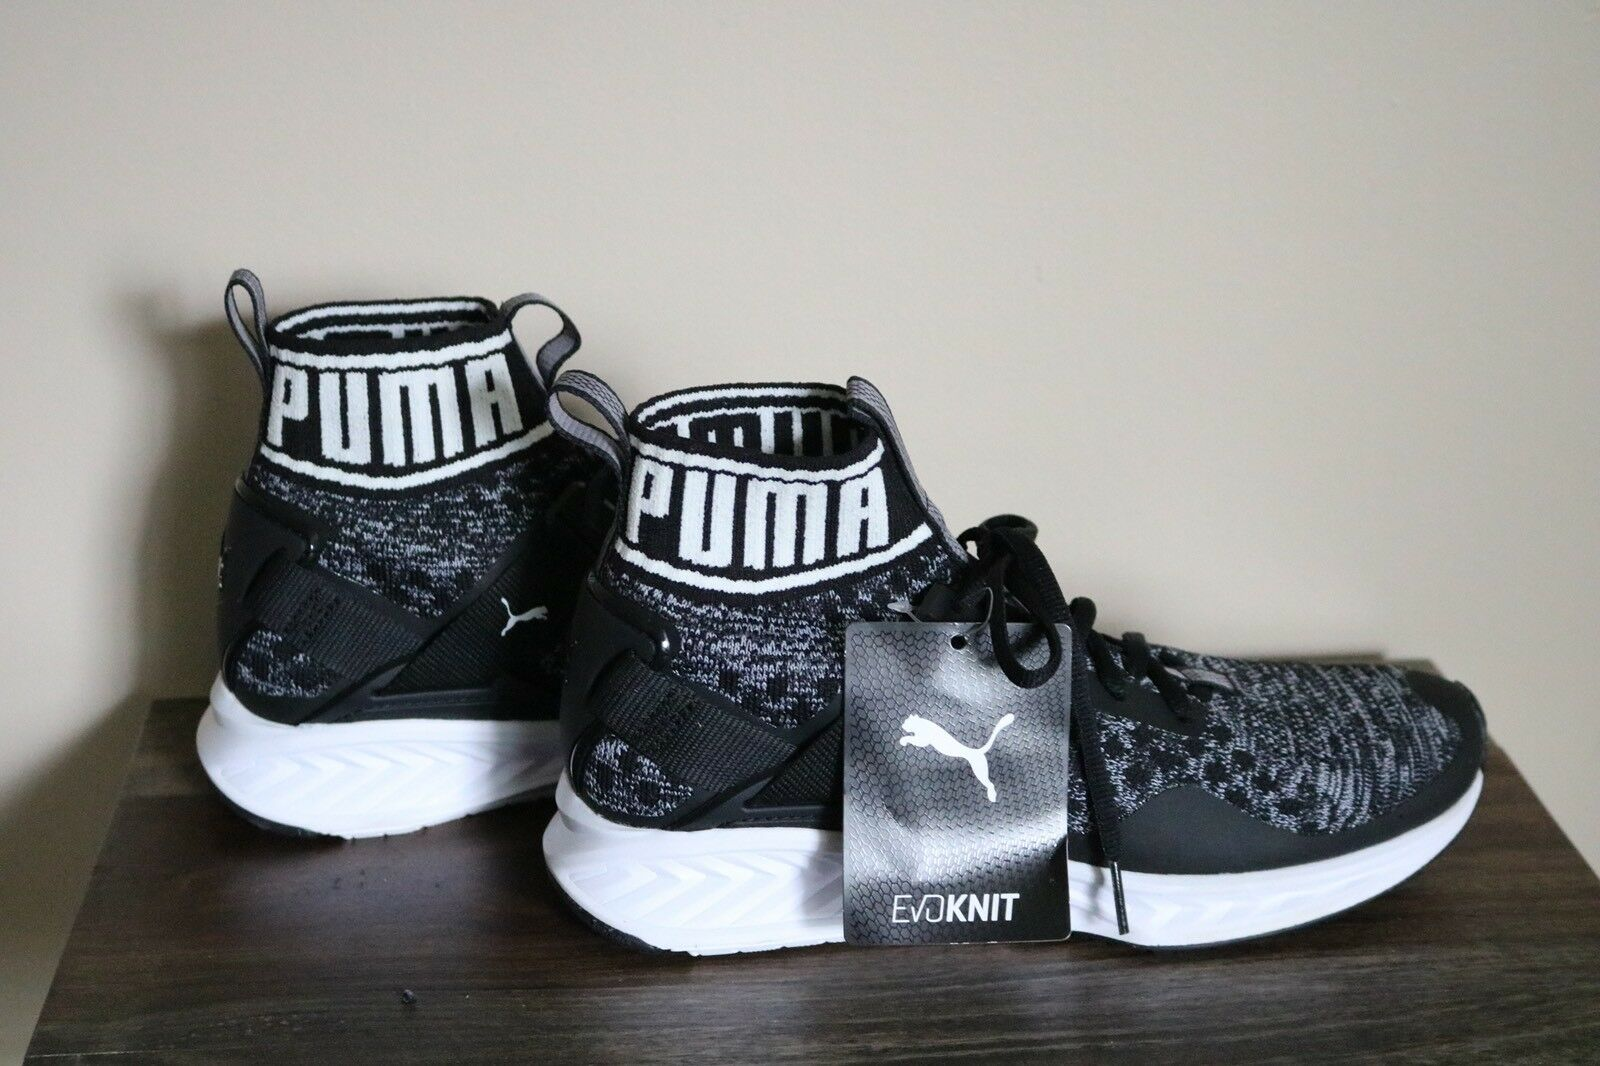 Nuevo Para Hombres Puma IGNITE Evoknit-Negro blancoO Gry Entrenamiento Calzado Sin Caja Talla 8